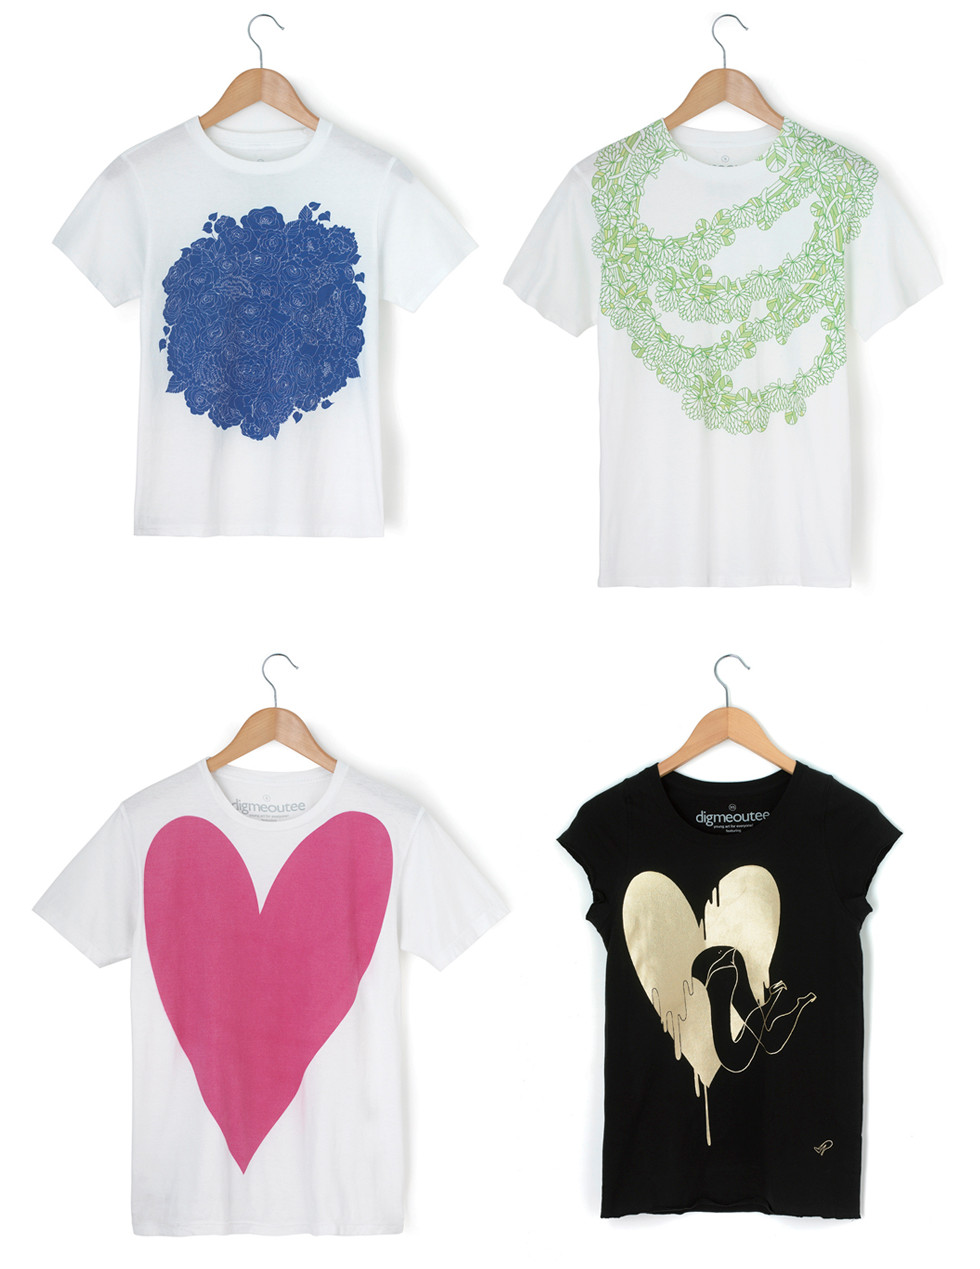 ARTEE T-shirts | mio.matsumoto